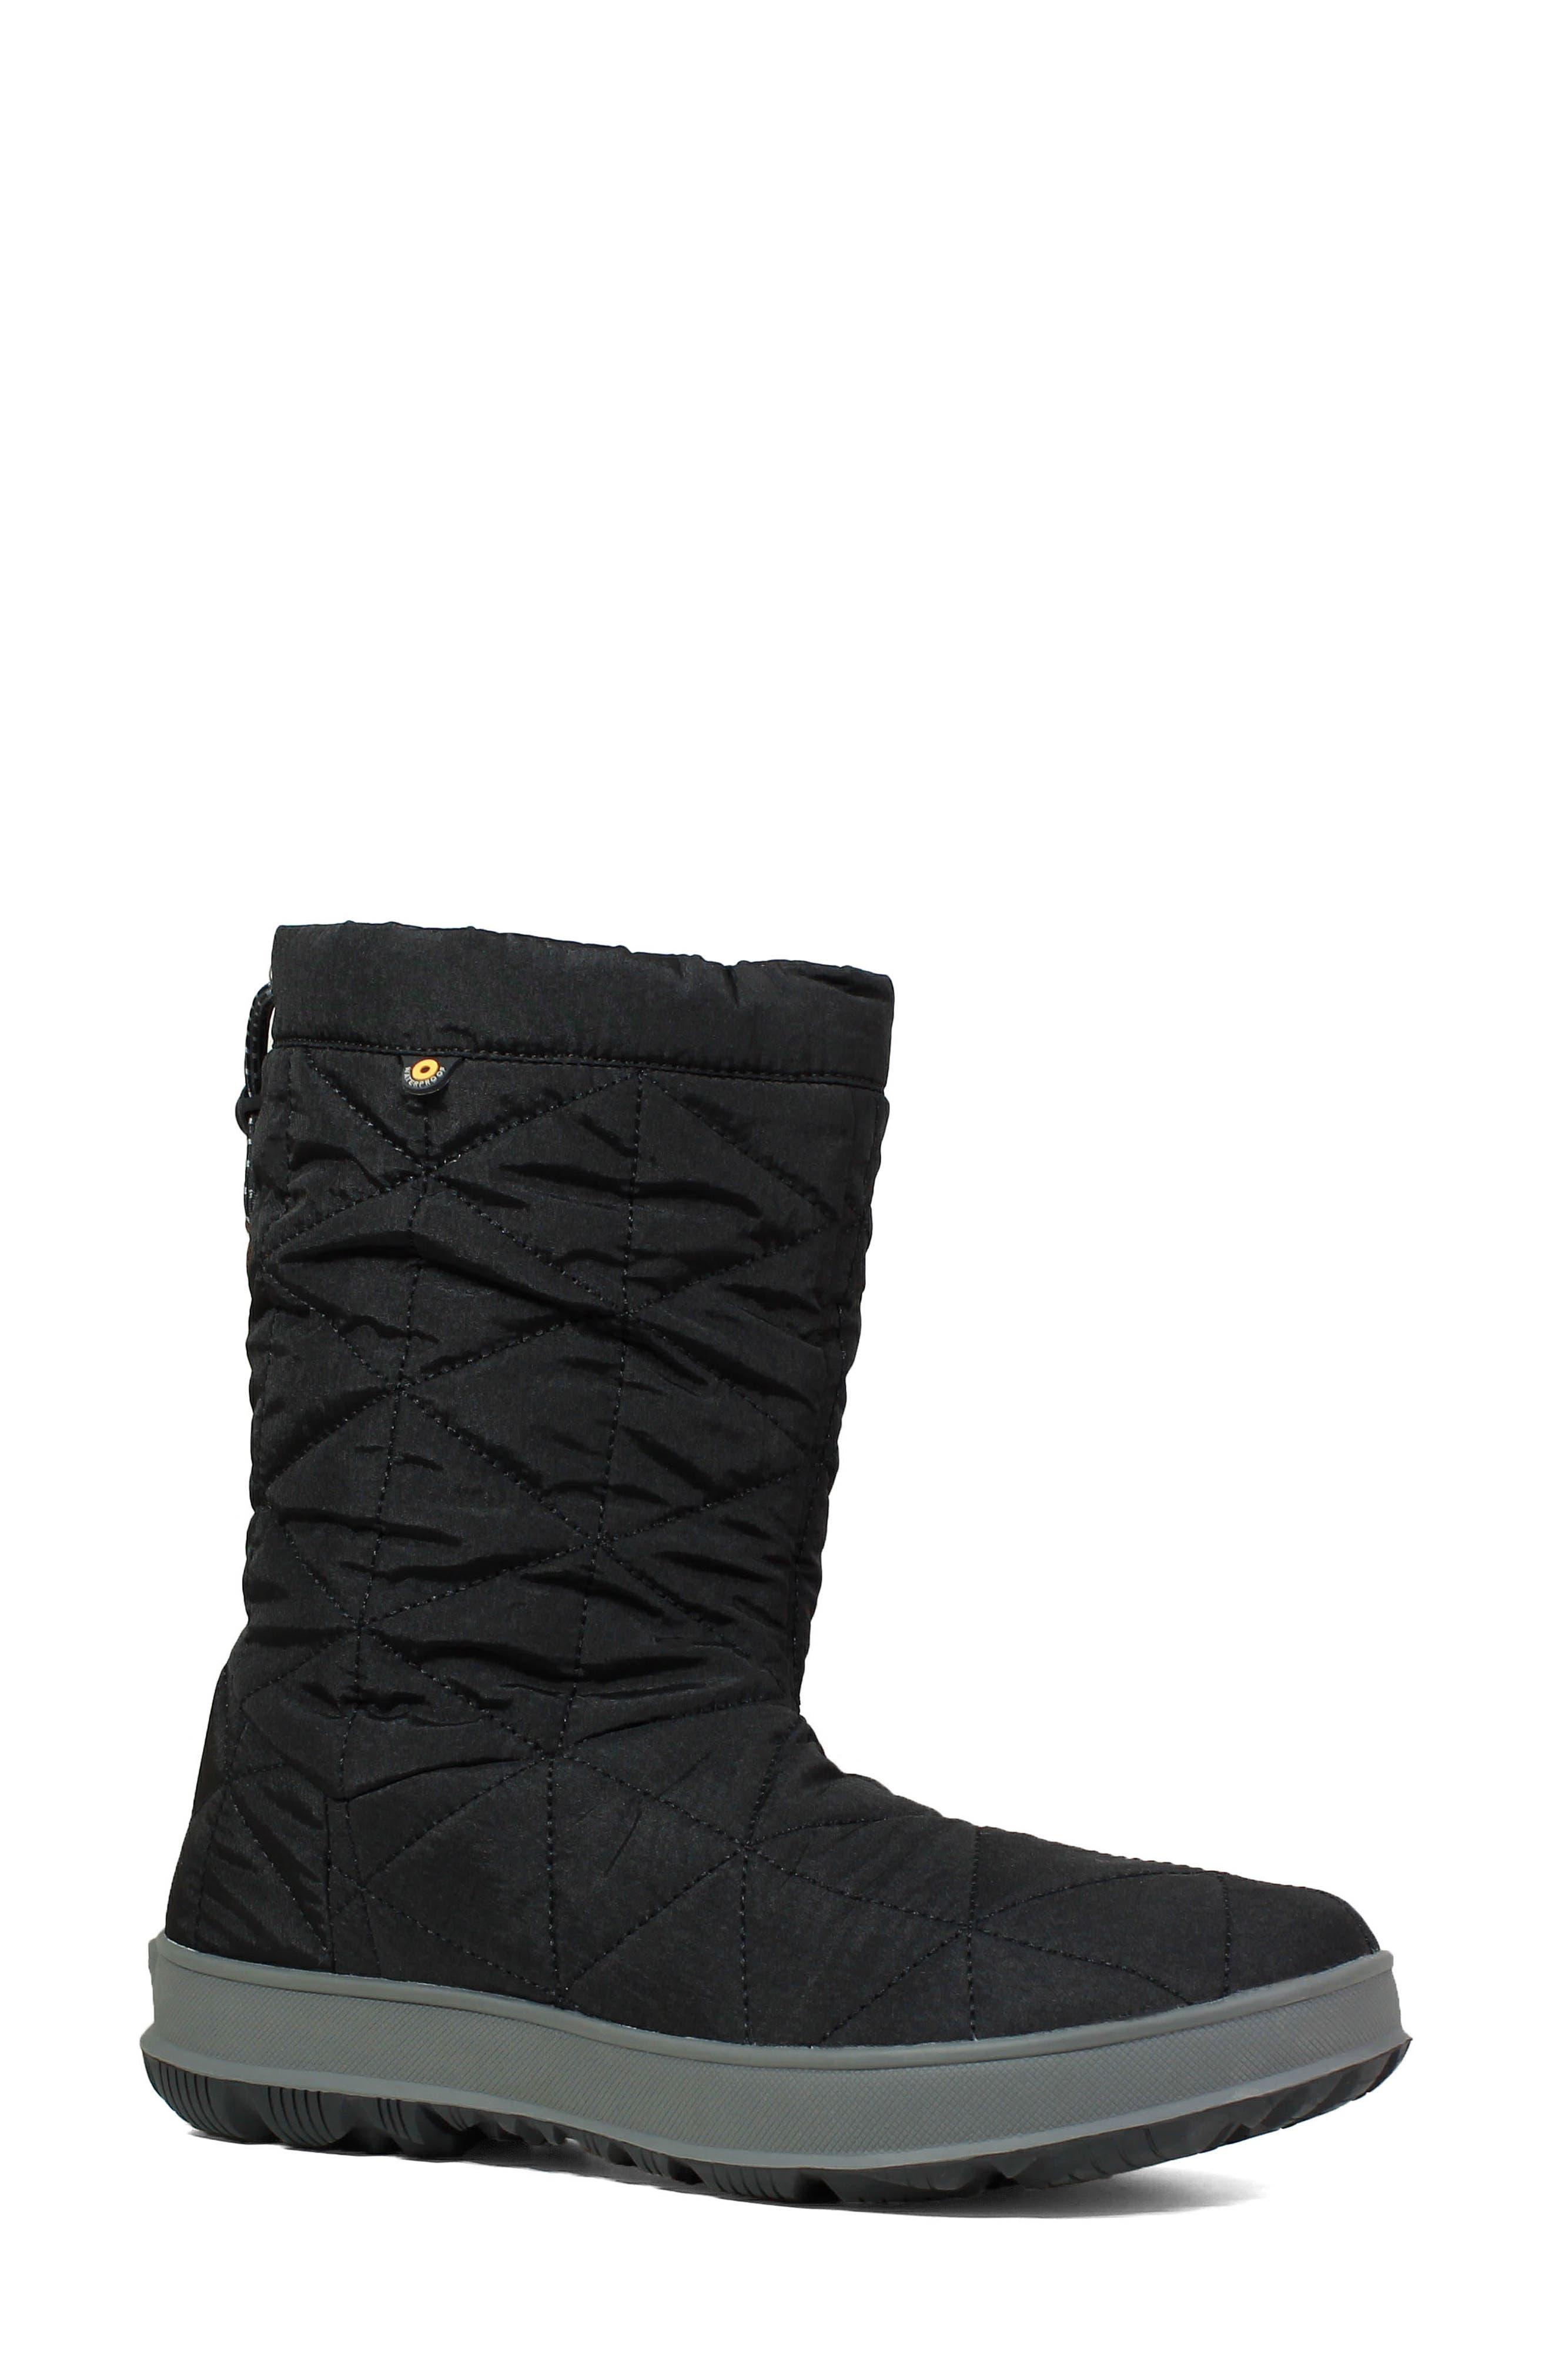 Bogs Mid Snowday Waterproof Bootie, Black